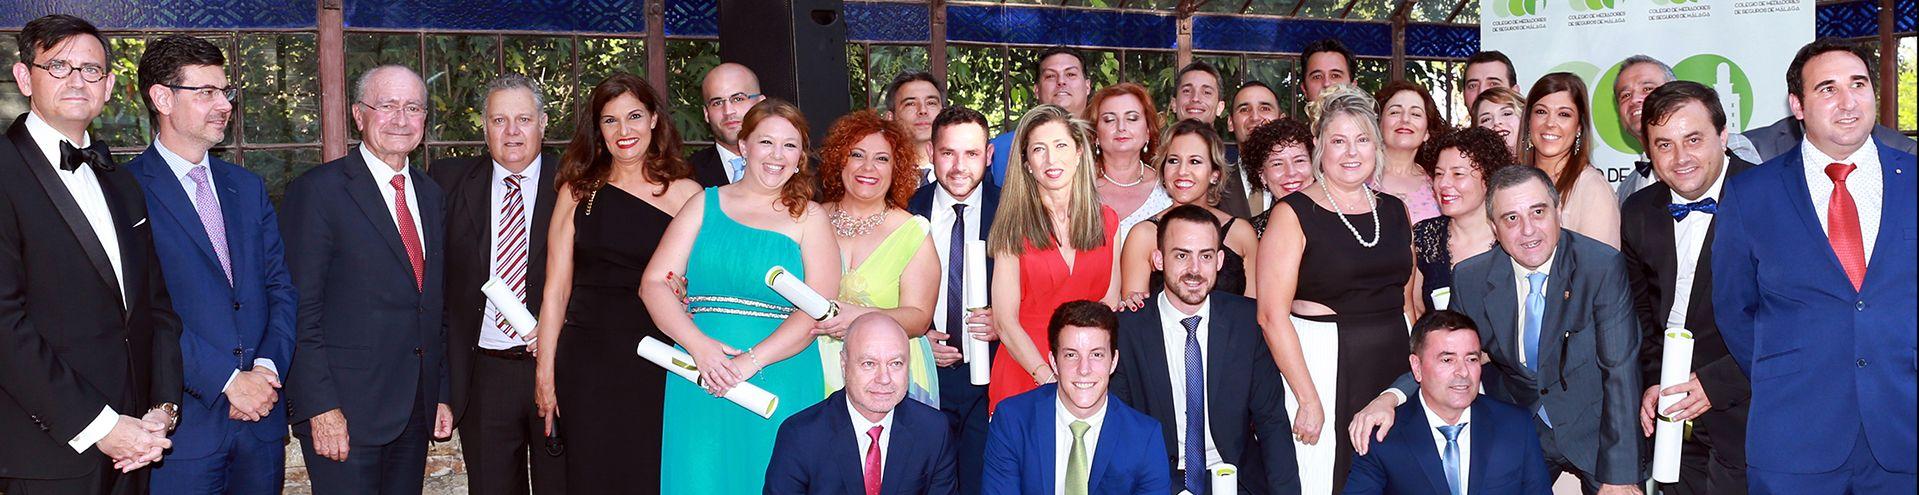 Fotografía Cena 2018 Colegio de mediadores de seguros de Málaga